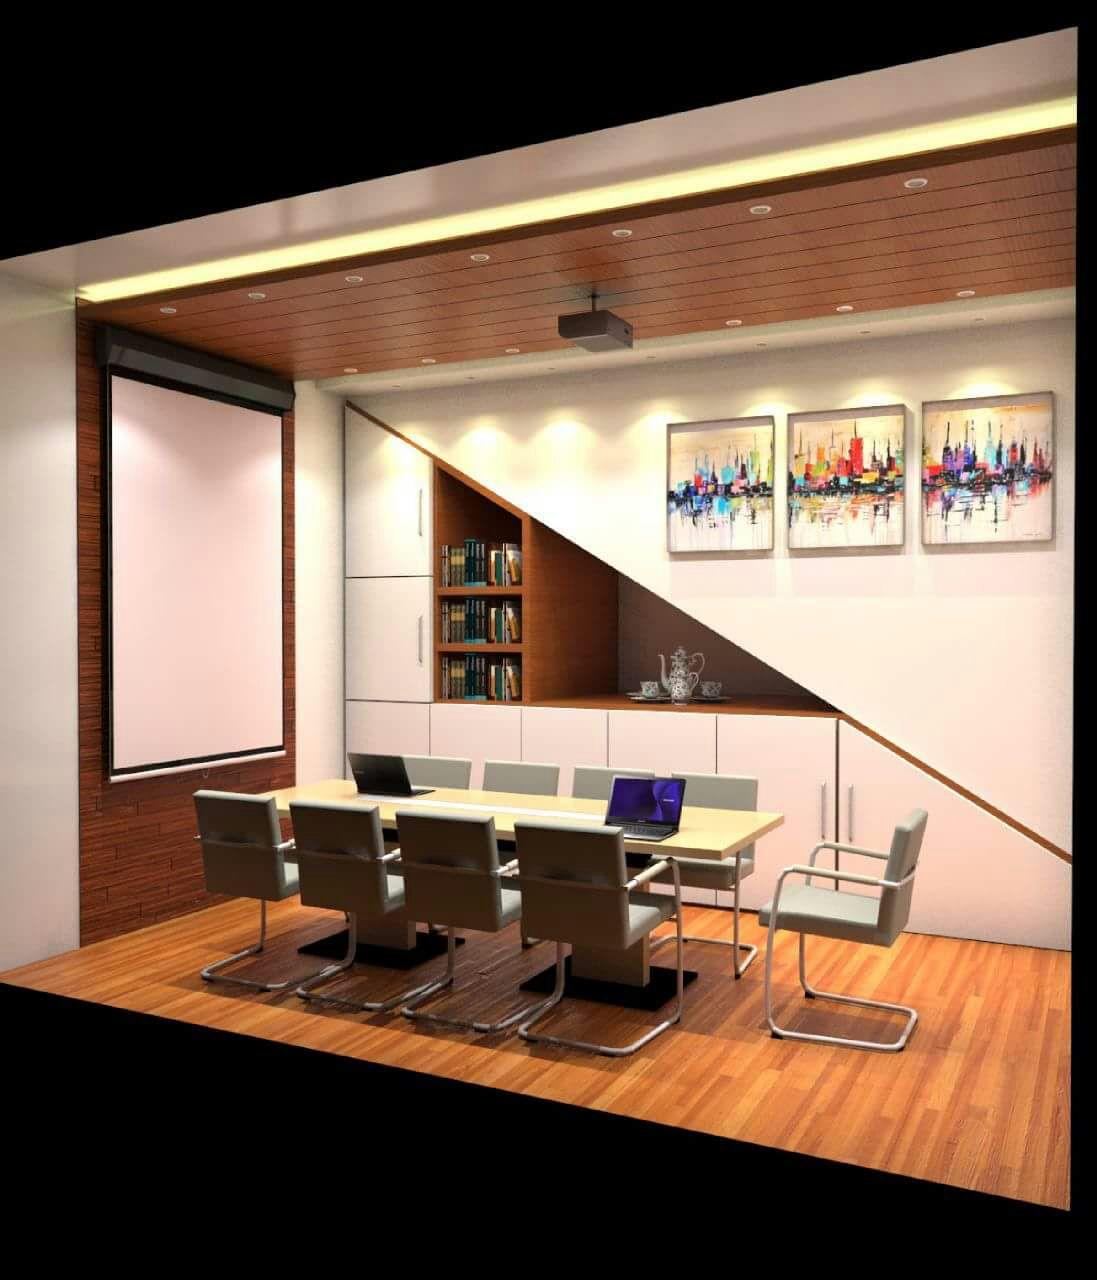 Pertanyaannya apa yang berbeda dan menarik dari interior desain rumah apartemen maupun kantor di atas